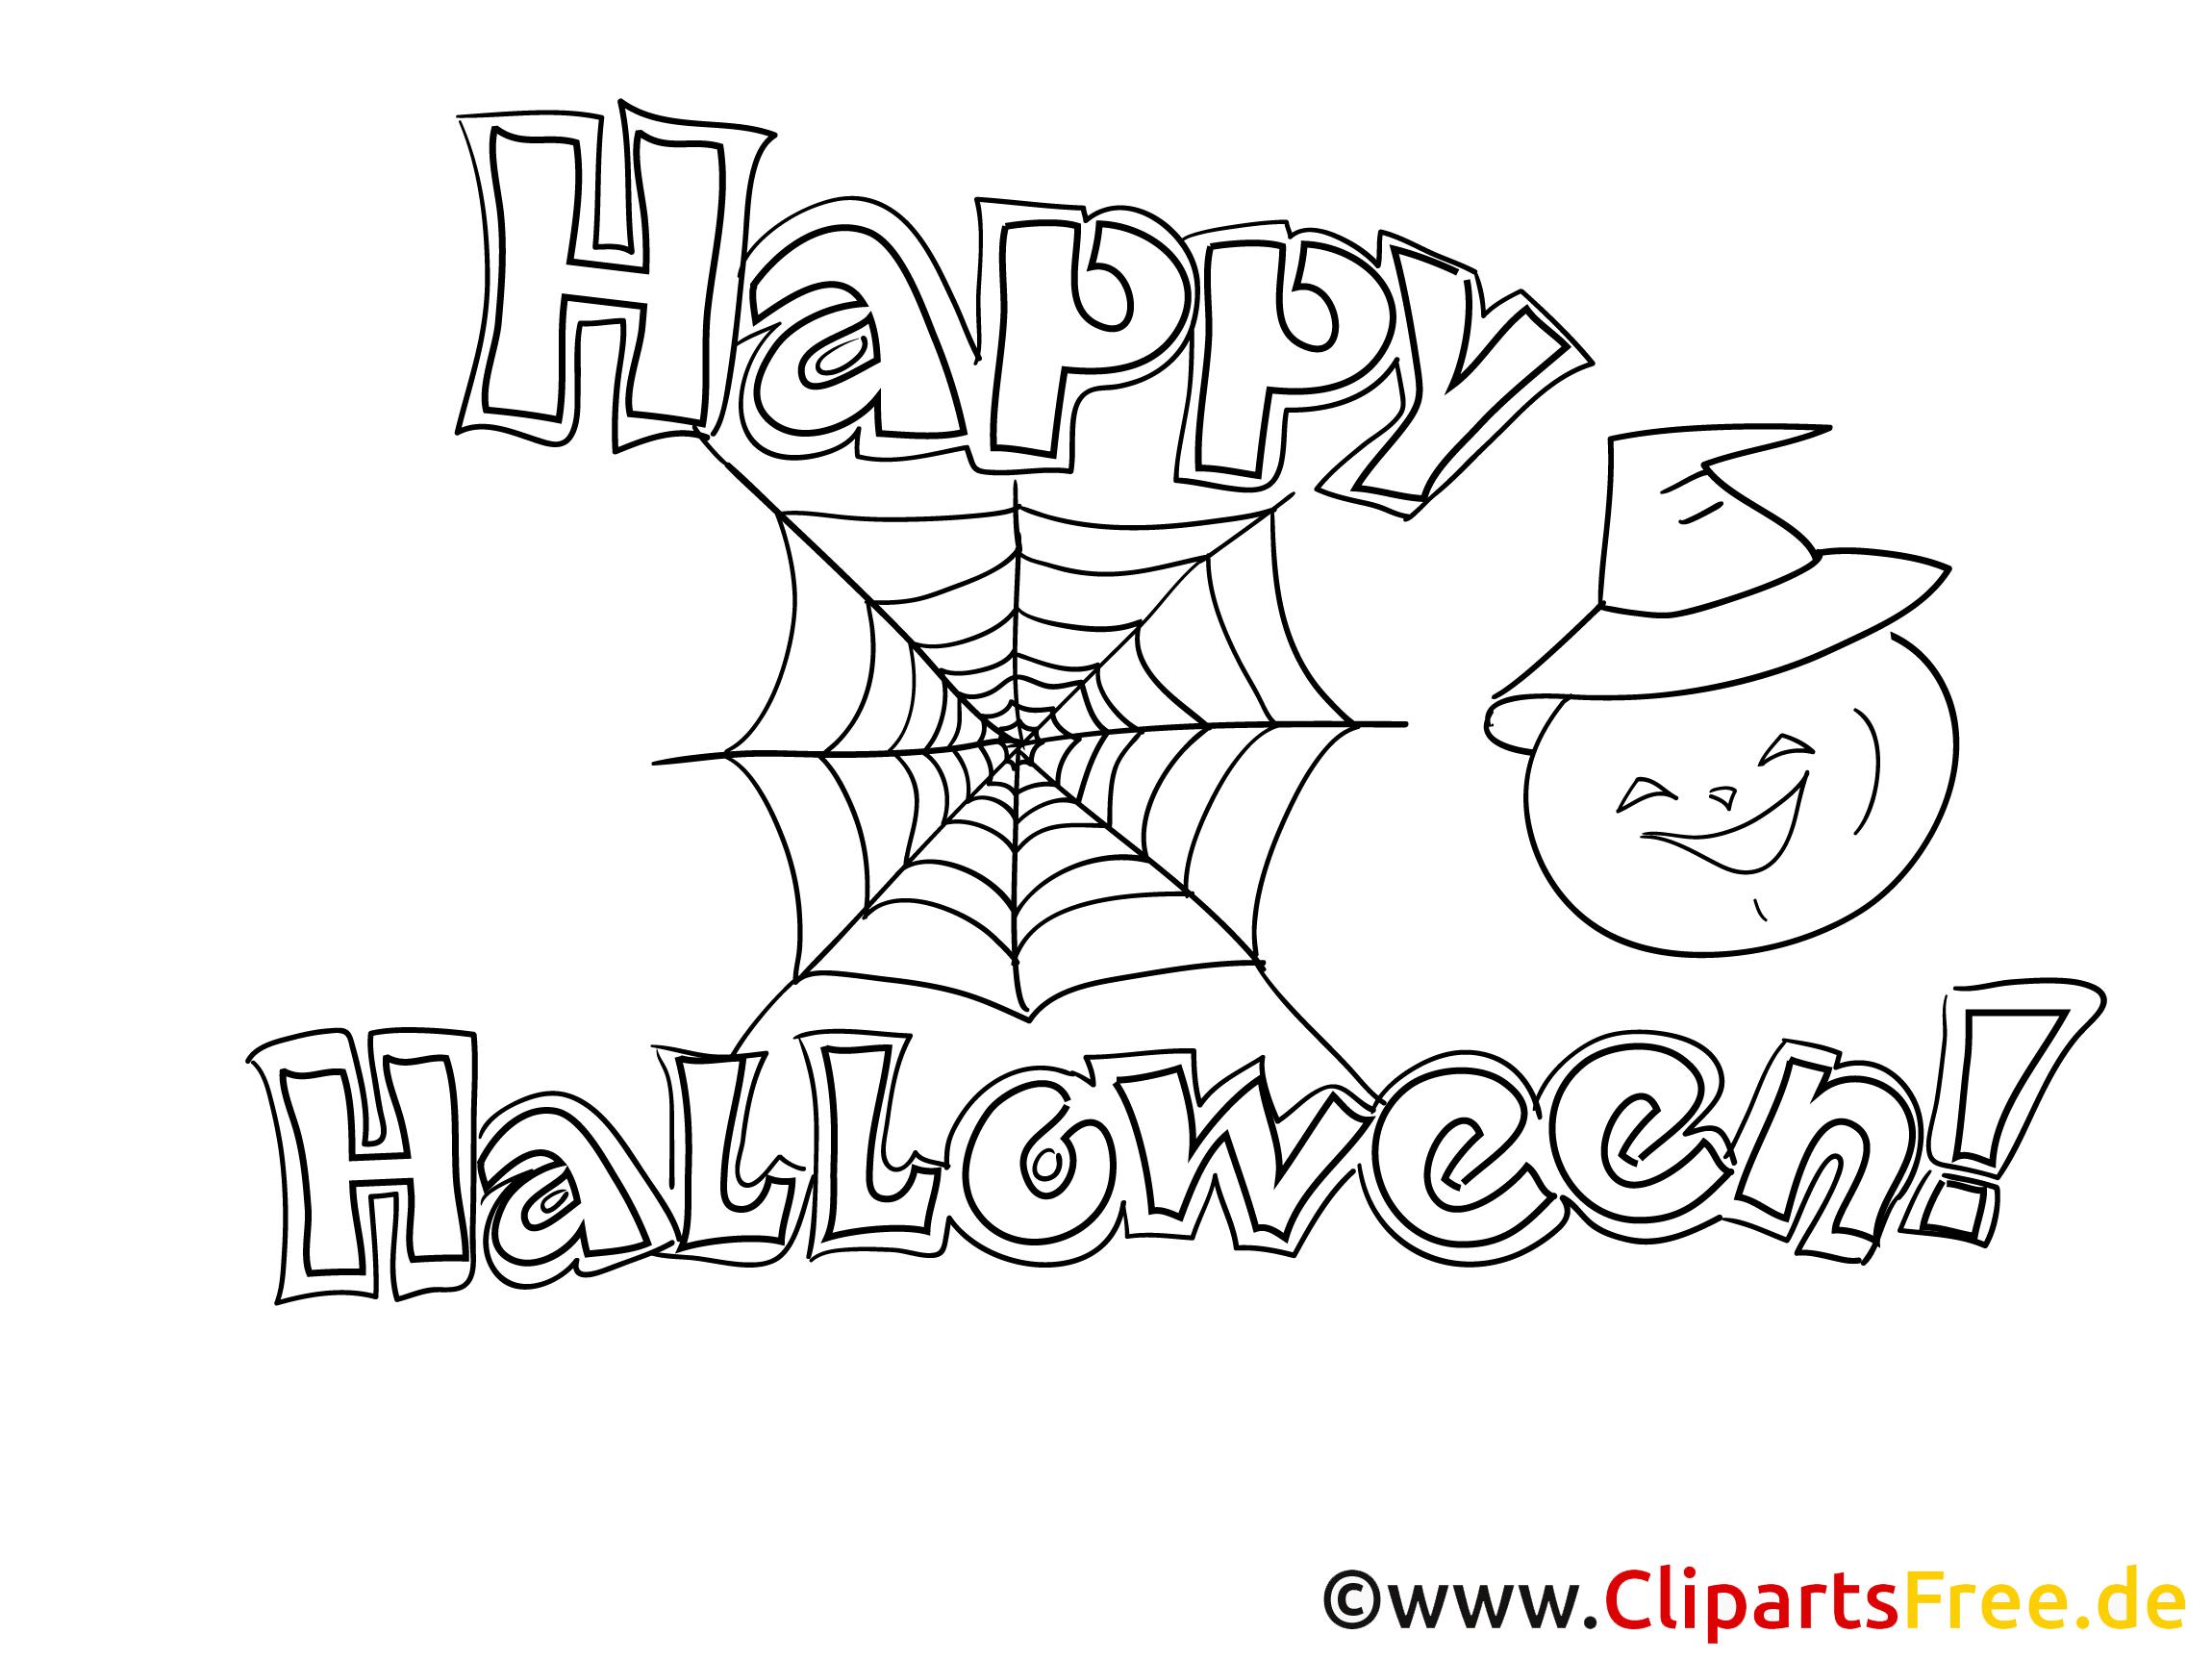 Ausmalbild für Erwachsene zu Halloween